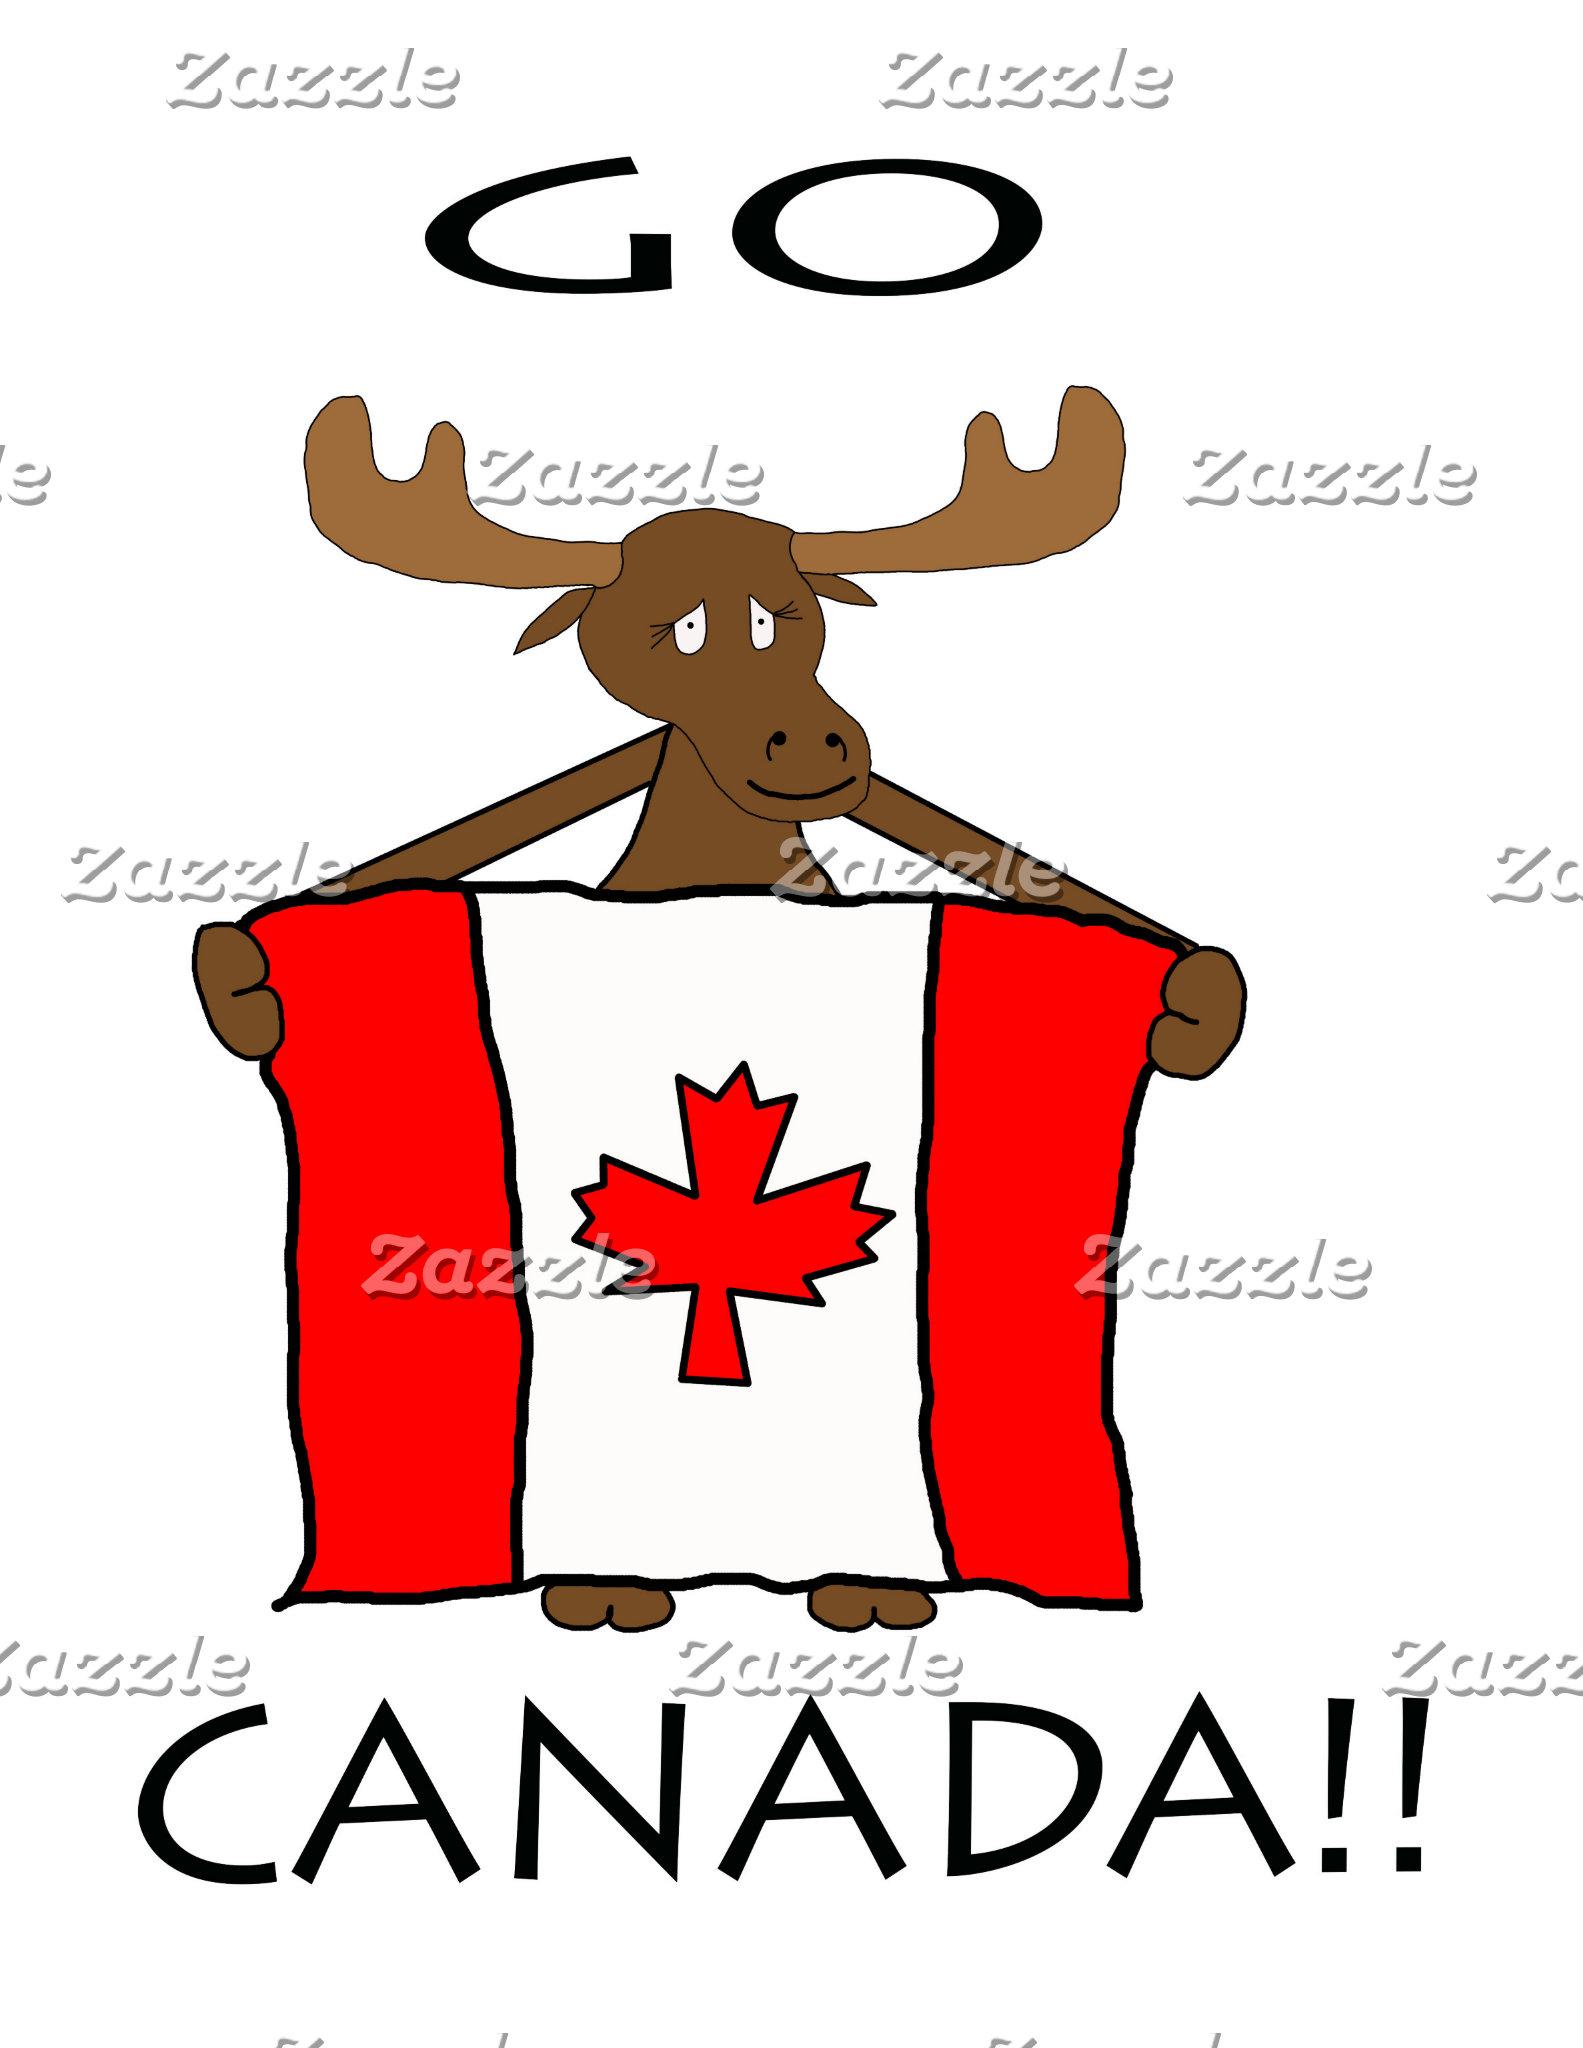 Go Canada!!